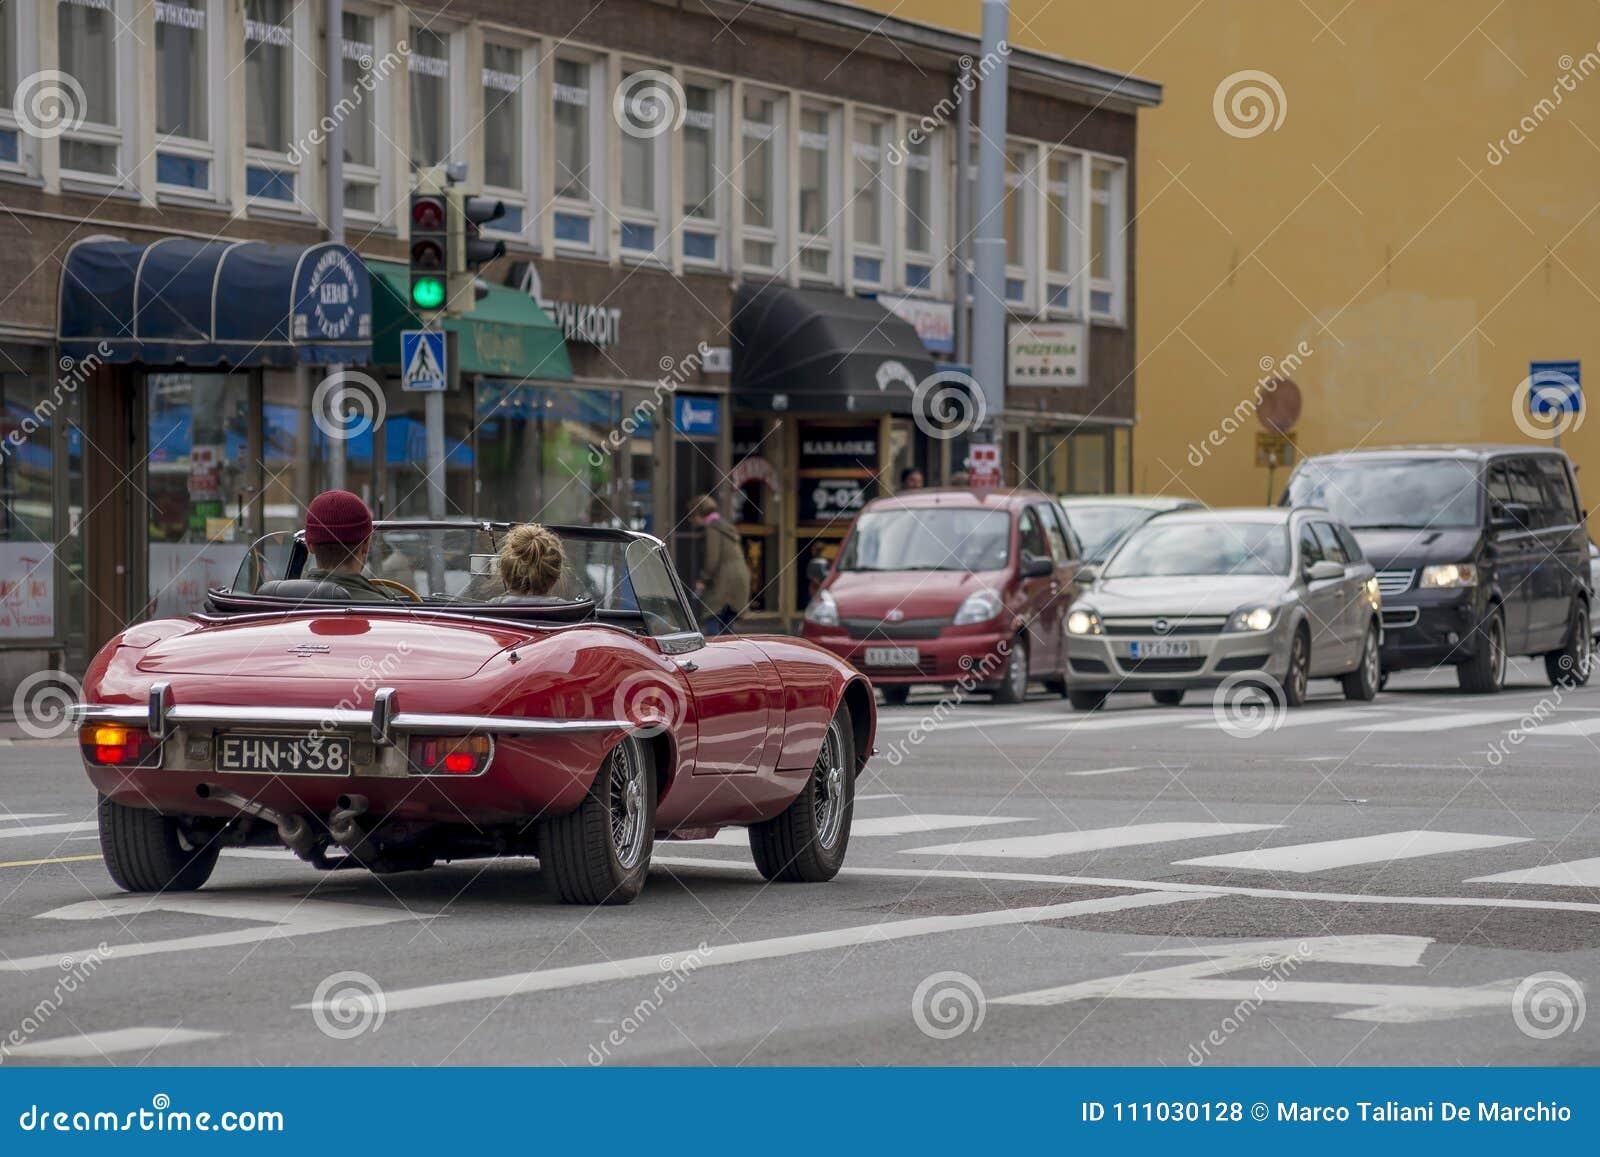 Härlig röd konvertibel bil på gatan i Turku, Finland